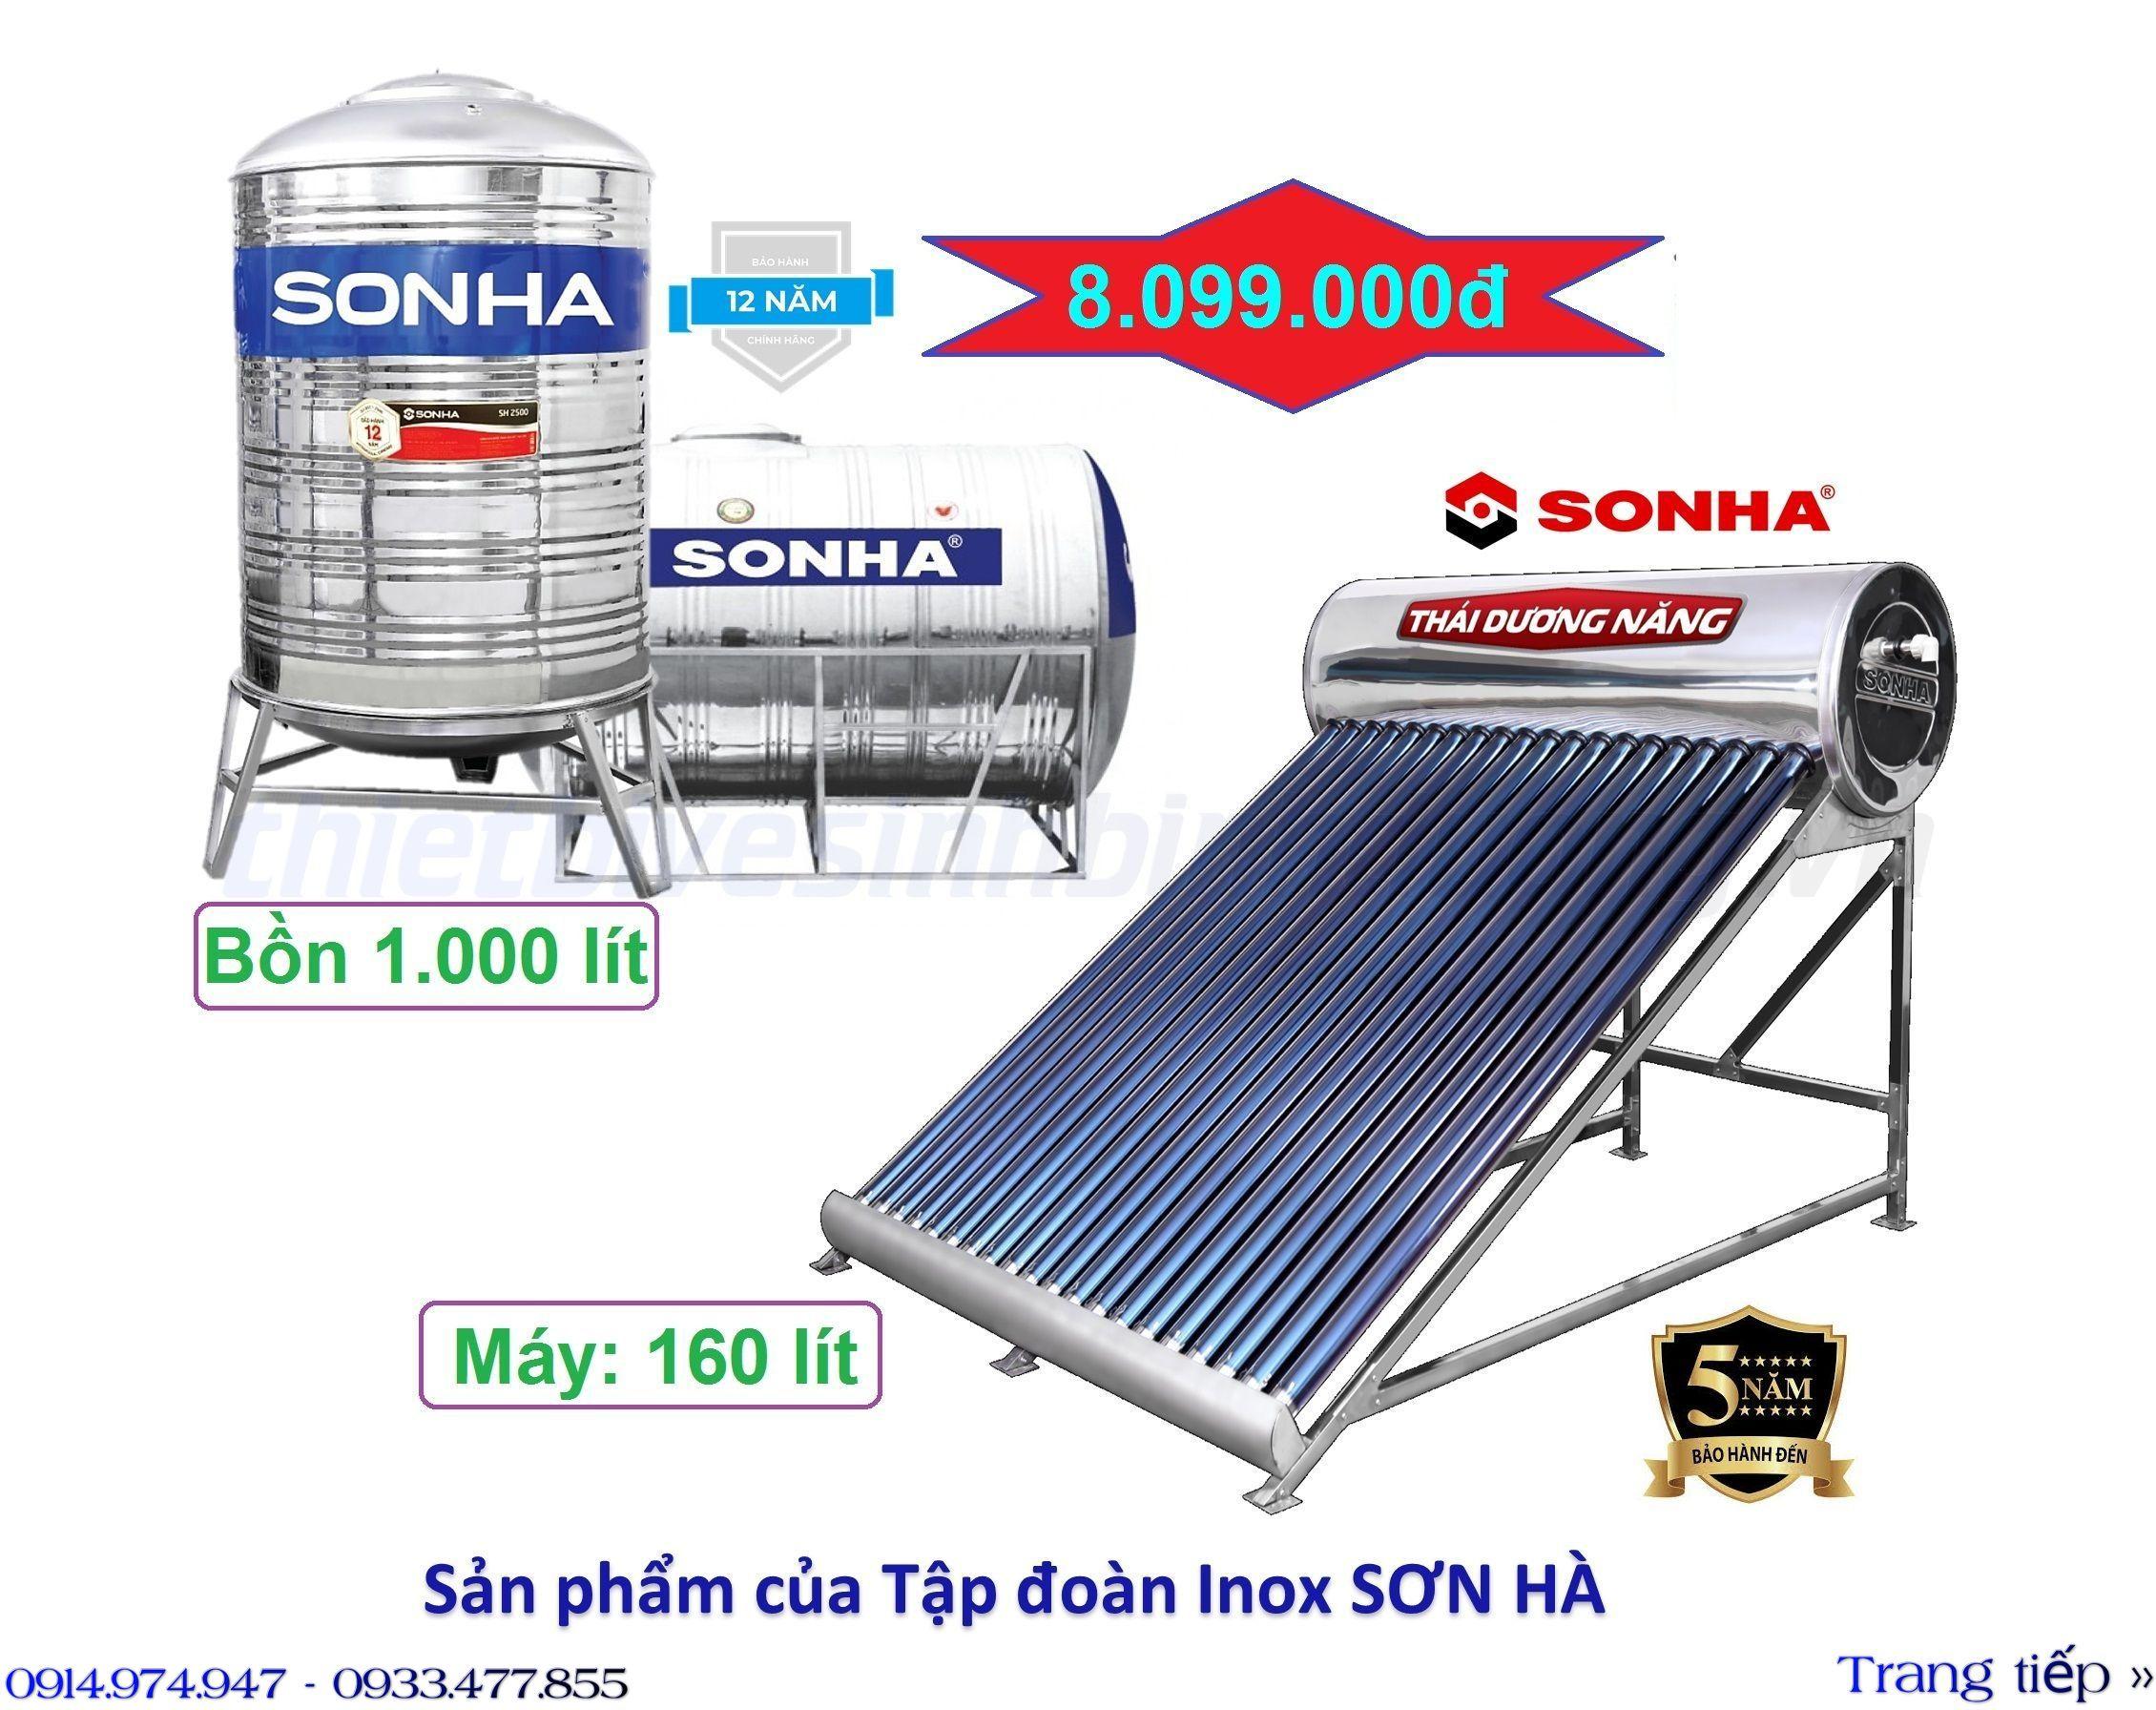 km03-tron-bo-may-nong-lanh-160l-kem-bon-nuoc-1000l